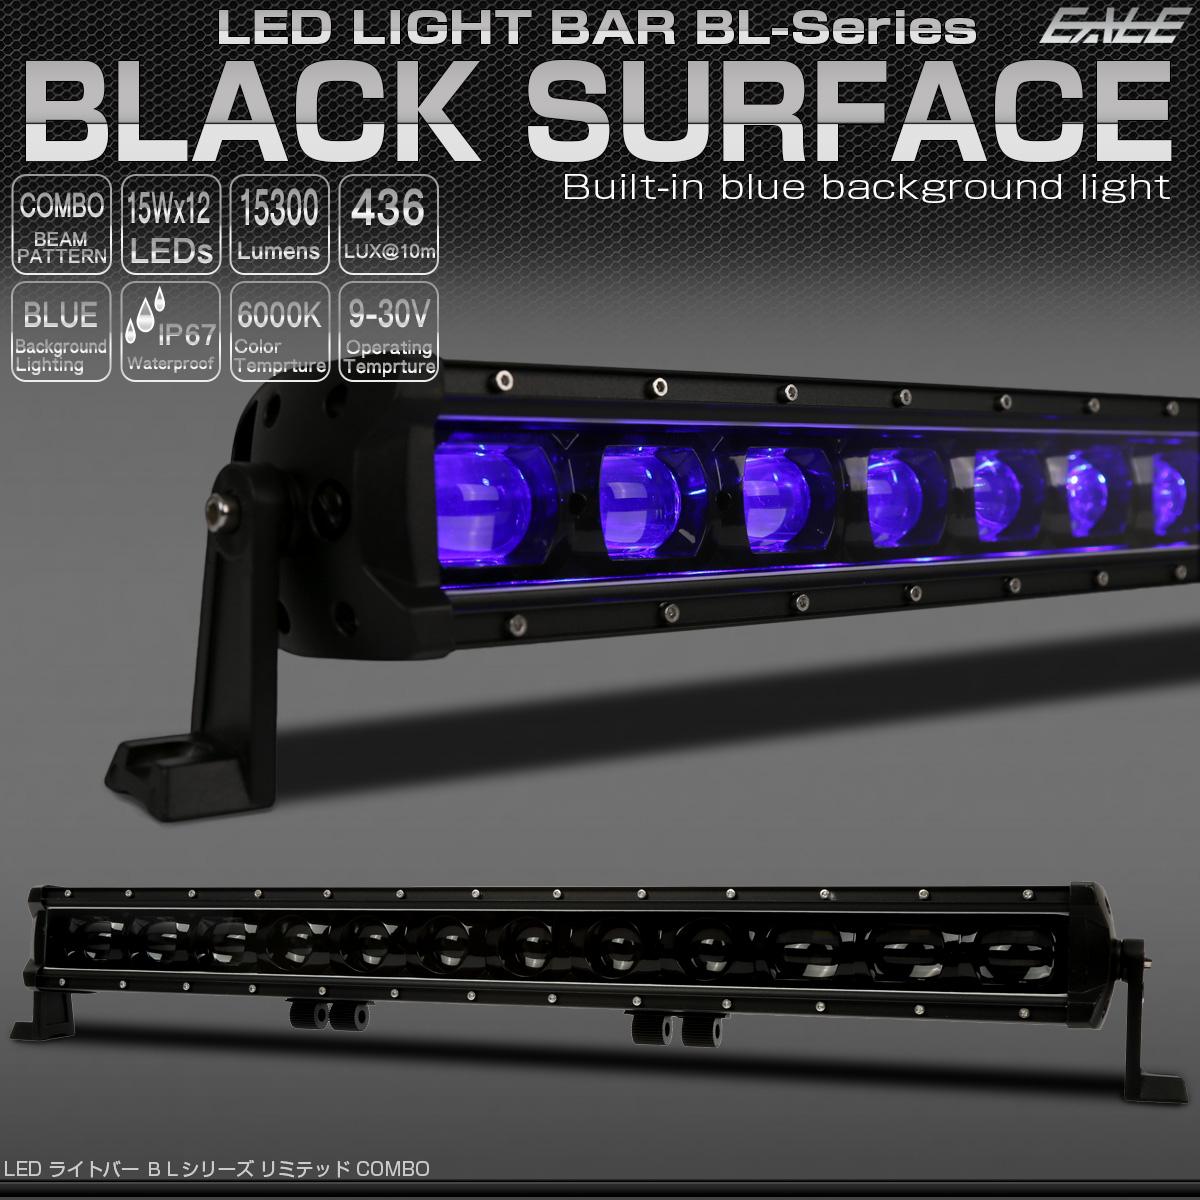 LEDライトバー 180W 28インチ 限定コンボ ブルー バックライト内蔵 ブラックインナー 15300lm 12V 24V 防水IP67 作業灯 ZZP-544